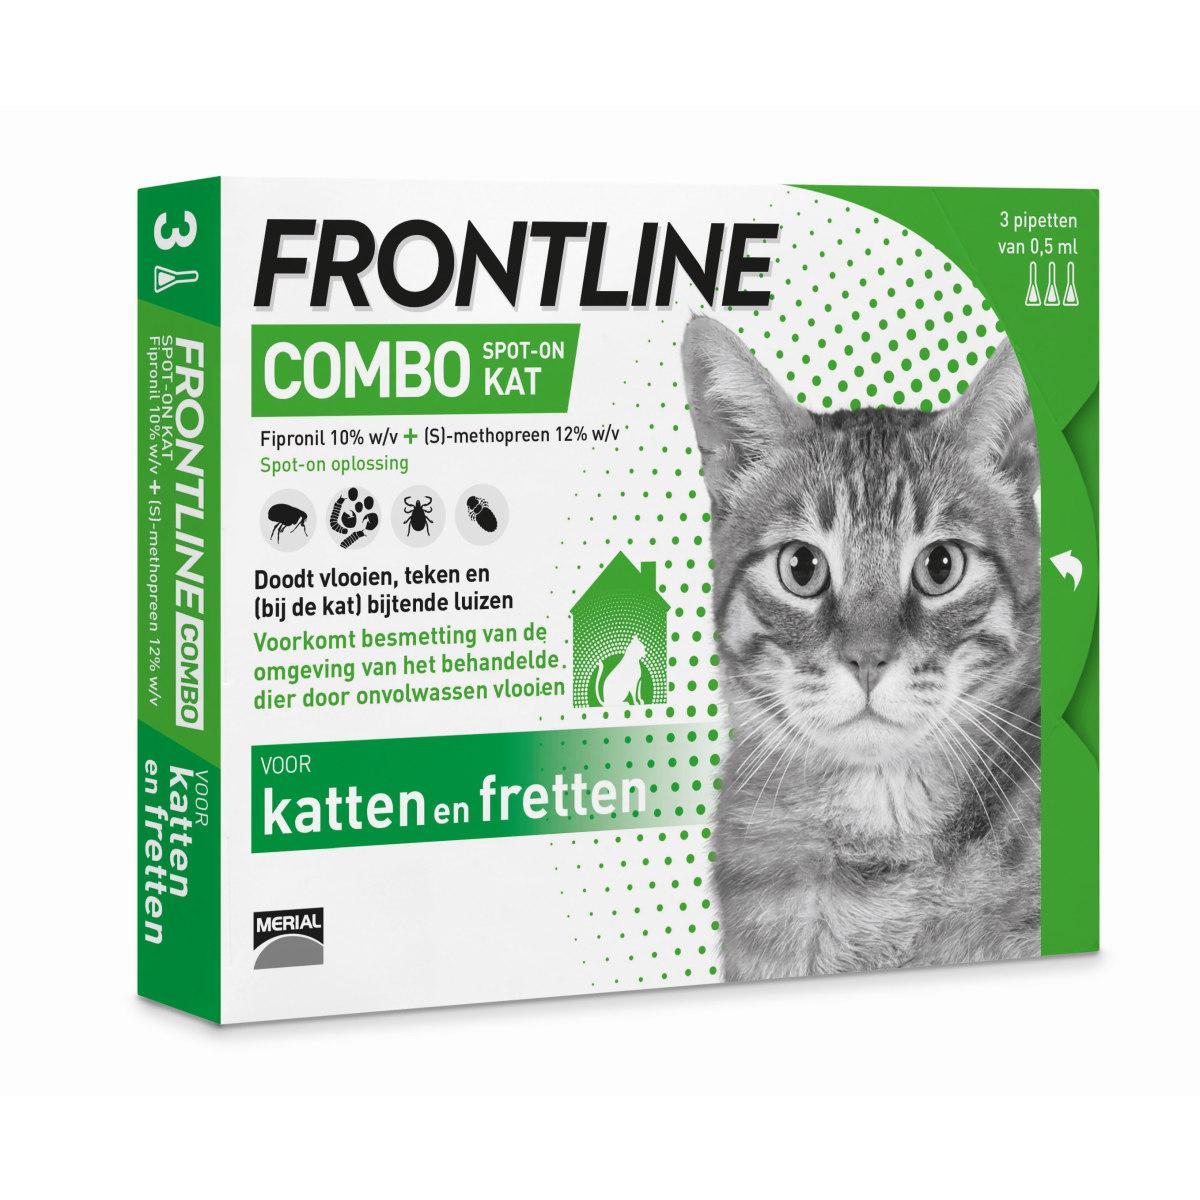 Productafbeelding voor 'Frontline - combo voor katten en fretten groen 3 pipetten'